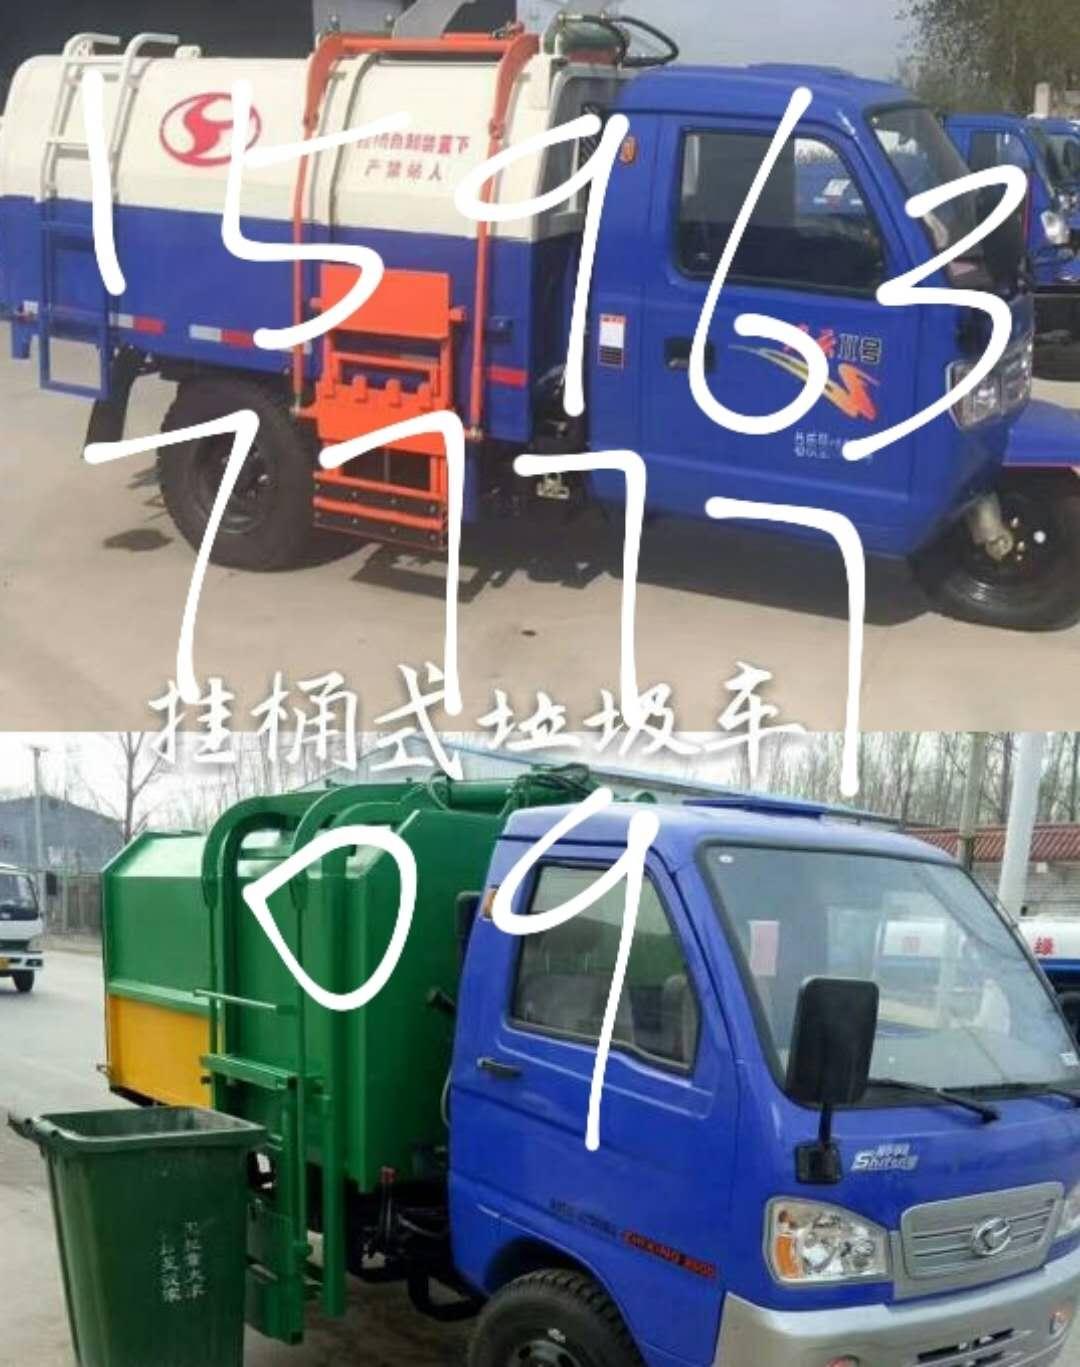 勾壁式垃圾车